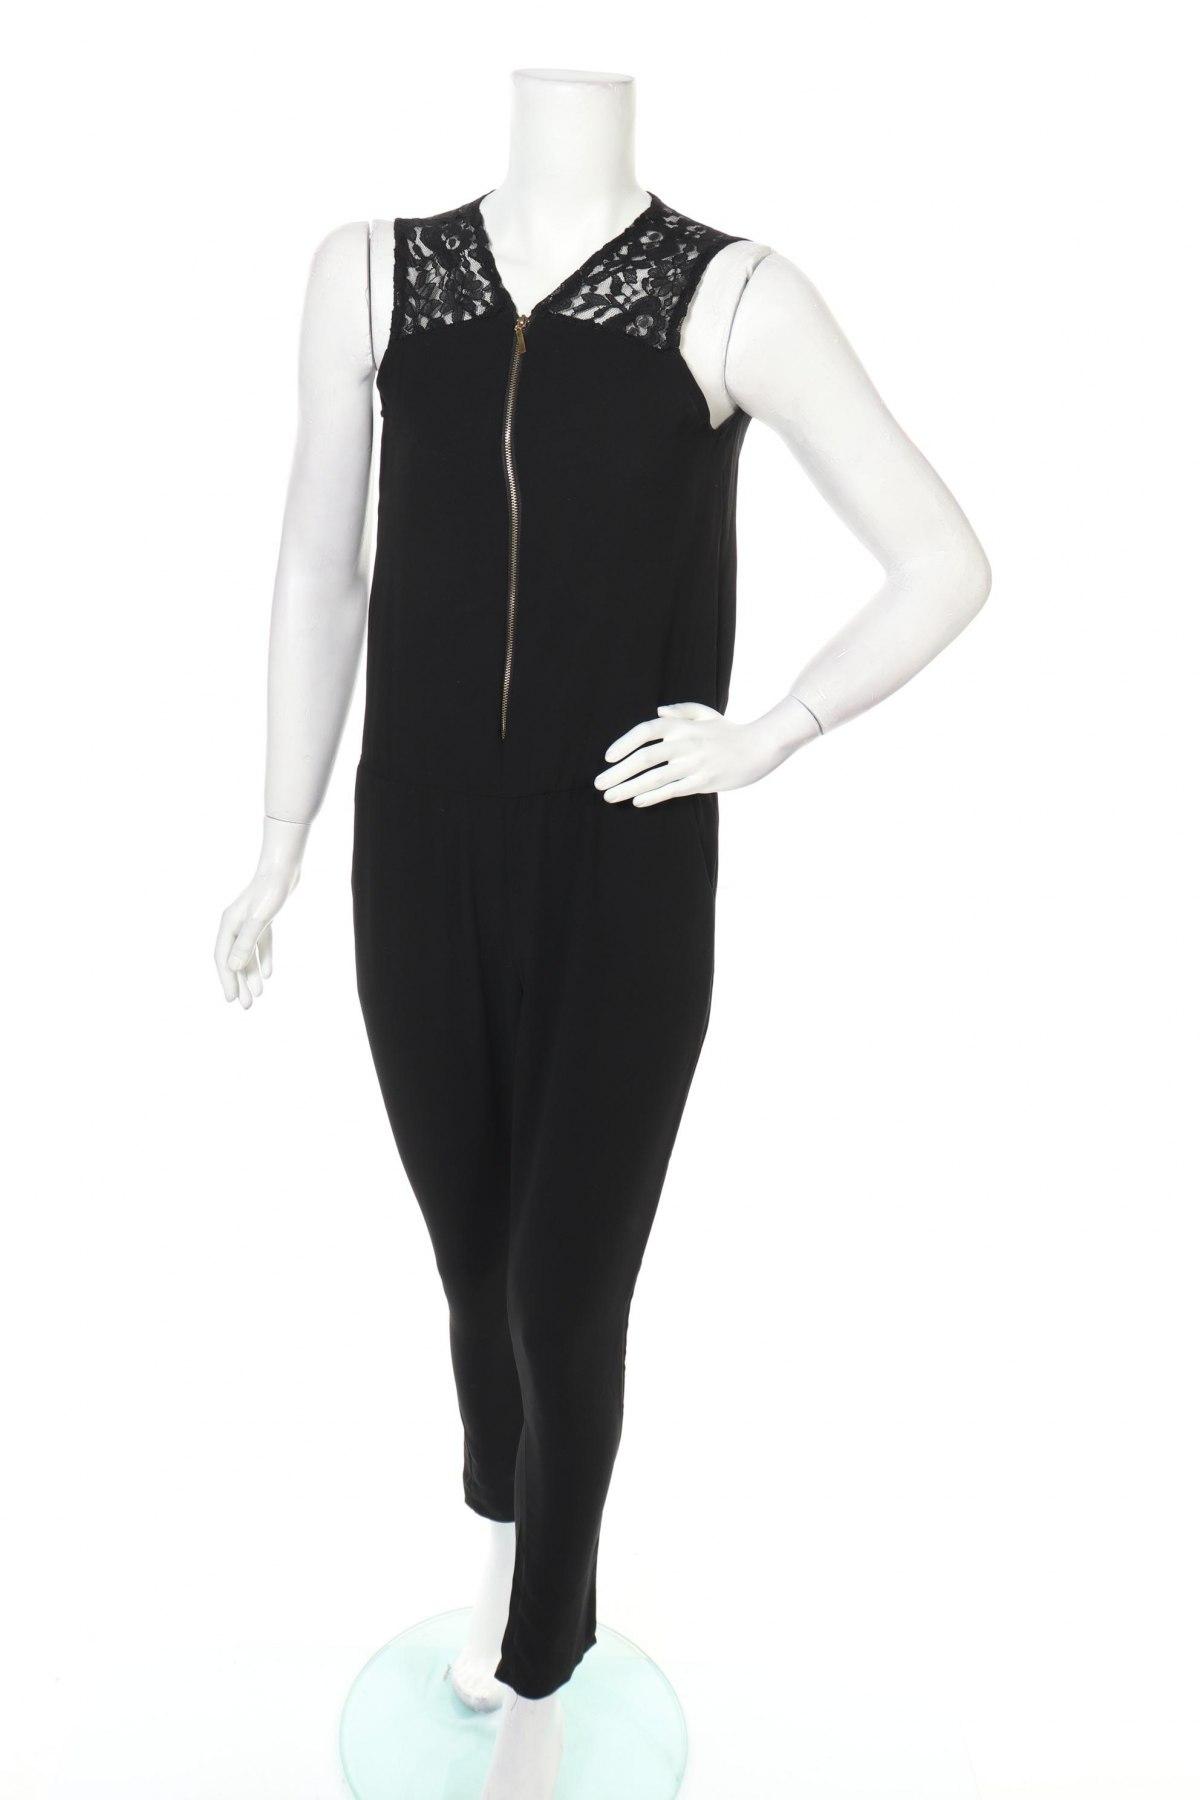 Γυναικεία σαλοπέτα La Petite Parisienne, Μέγεθος S, Χρώμα Μαύρο, Πολυεστέρας, Τιμή 12,04€